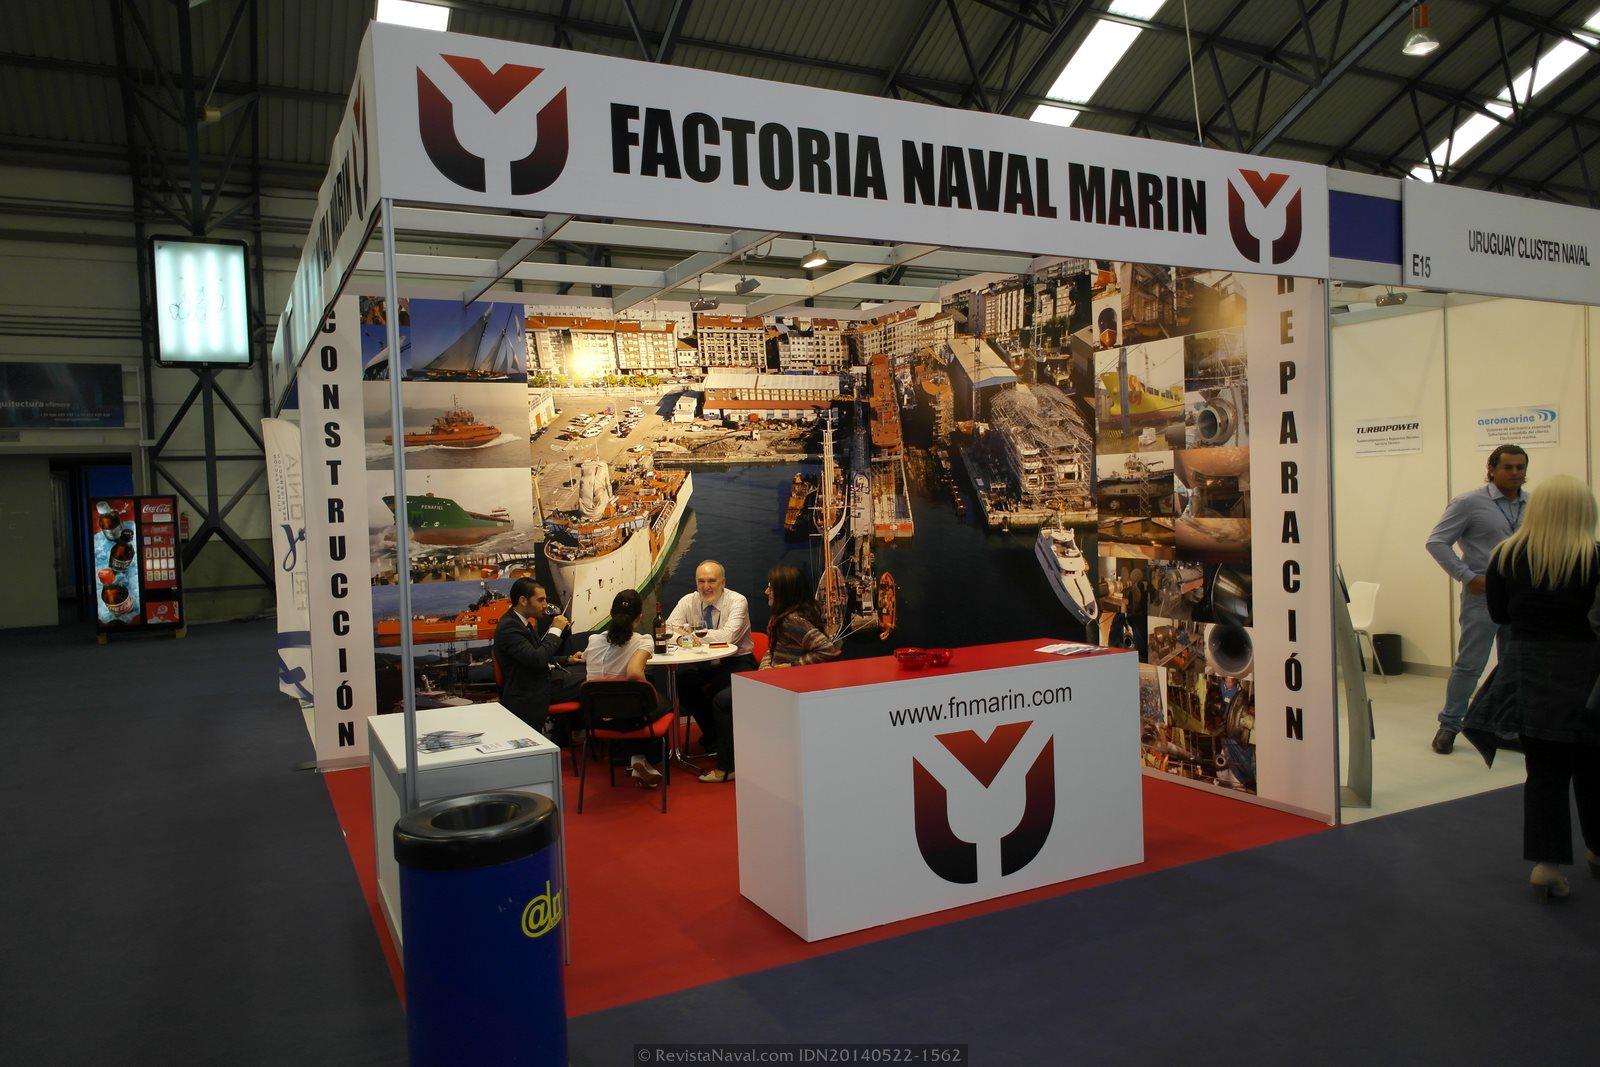 Estand de Factoría Naval de Marín (Foto: Revista Naval)